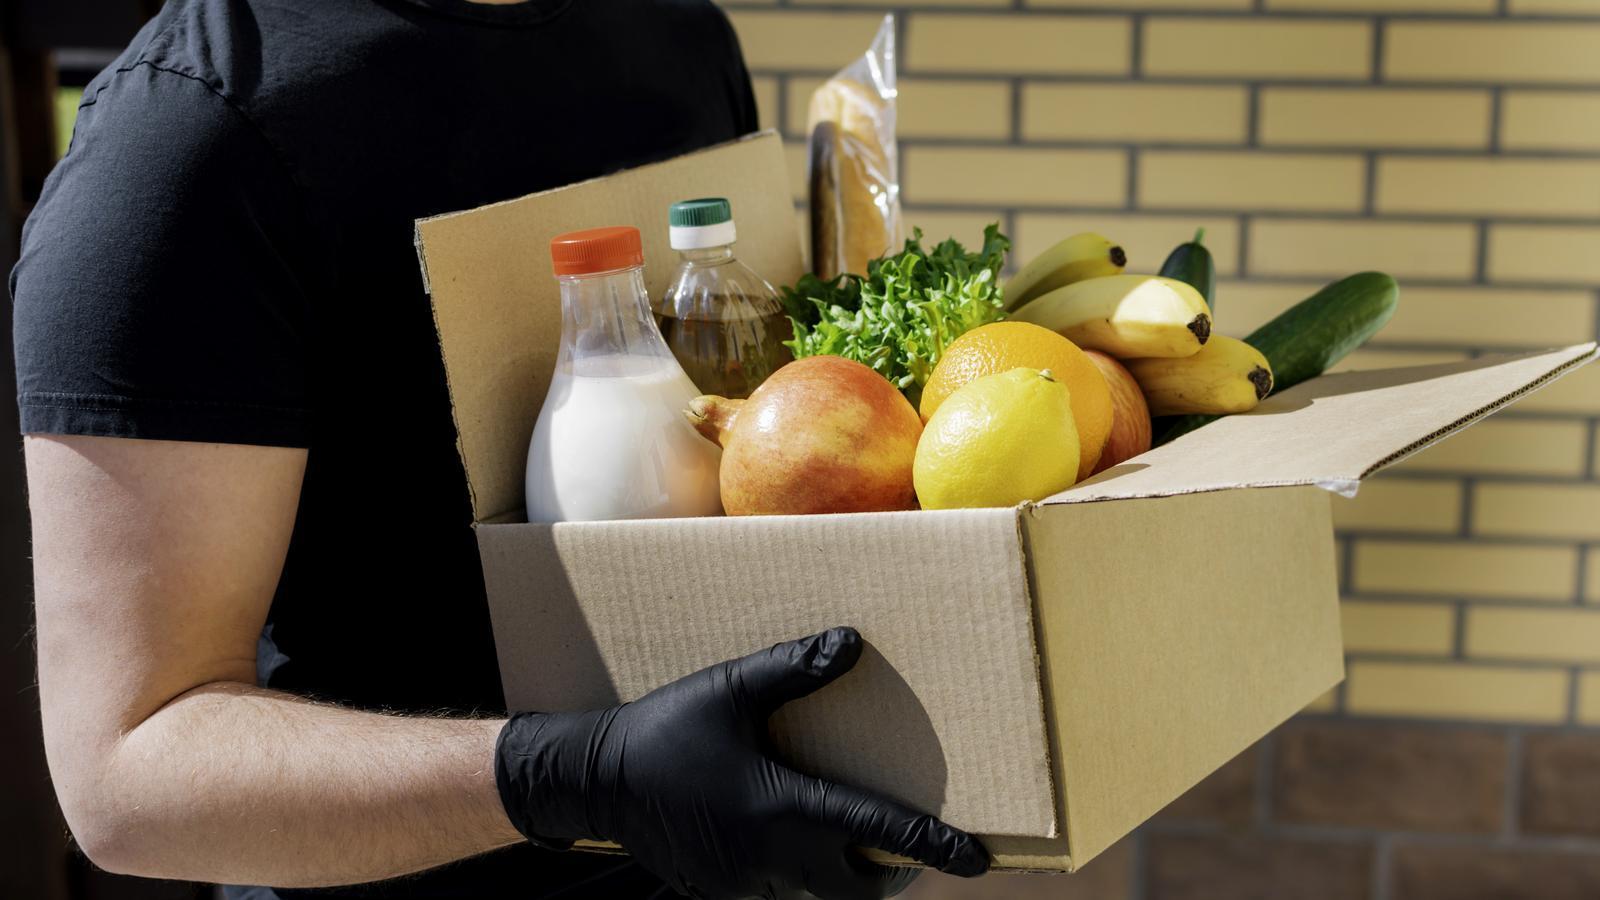 Com seran els nous hàbits alimentaris?